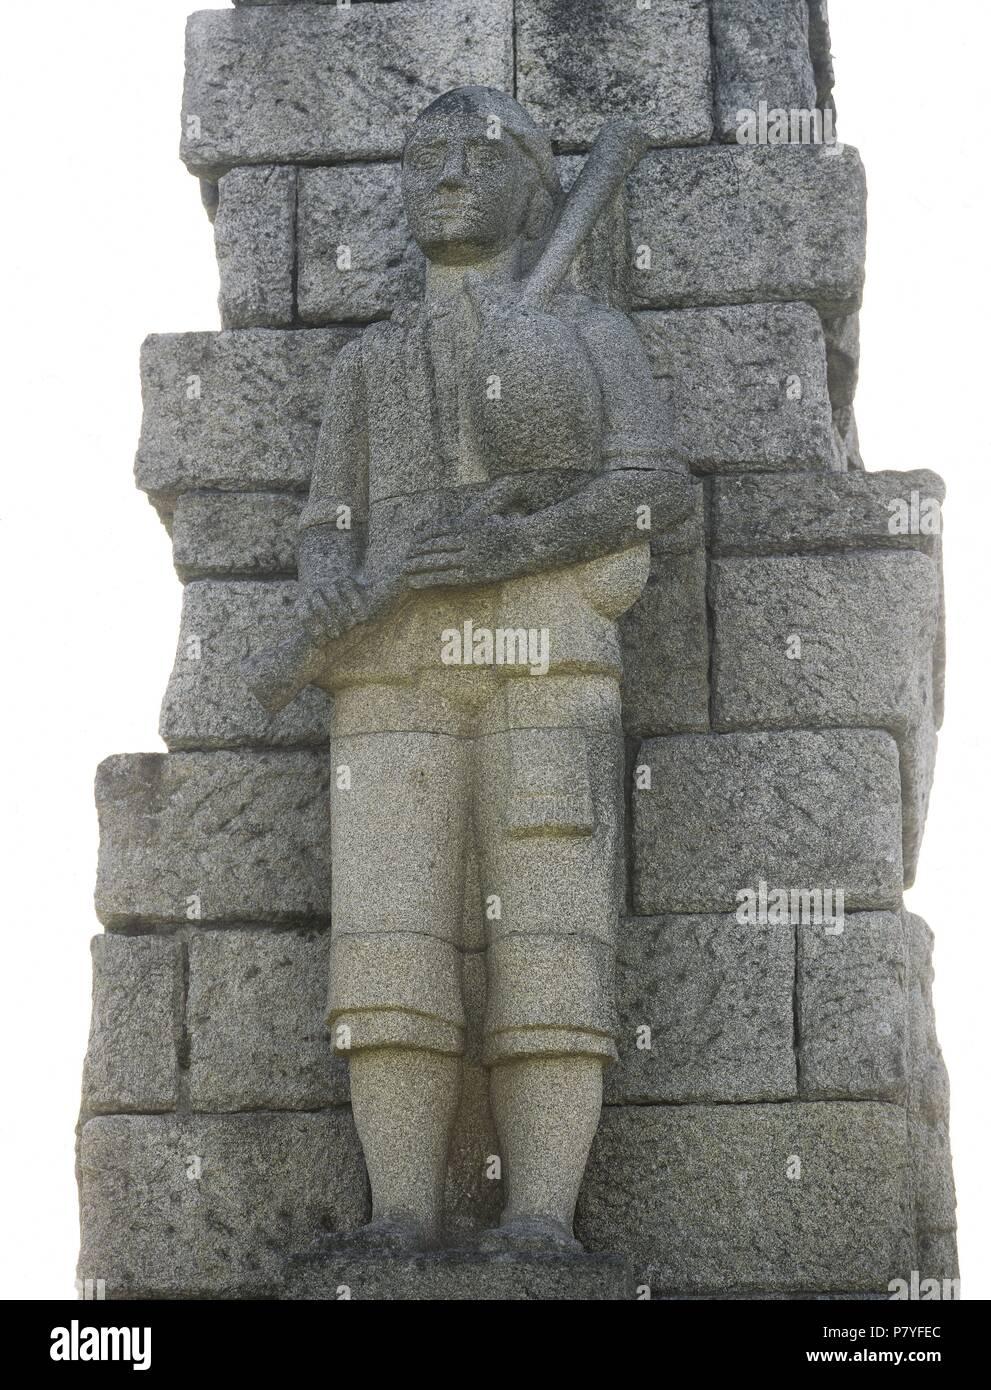 Monumento al Gaitero Gallego, 1965. Por el escultor español Antonio Failde. Detalle. Monte de Santa Cruz. Ribadeo. Provincia de Lugo. Galicia. España. Foto de stock